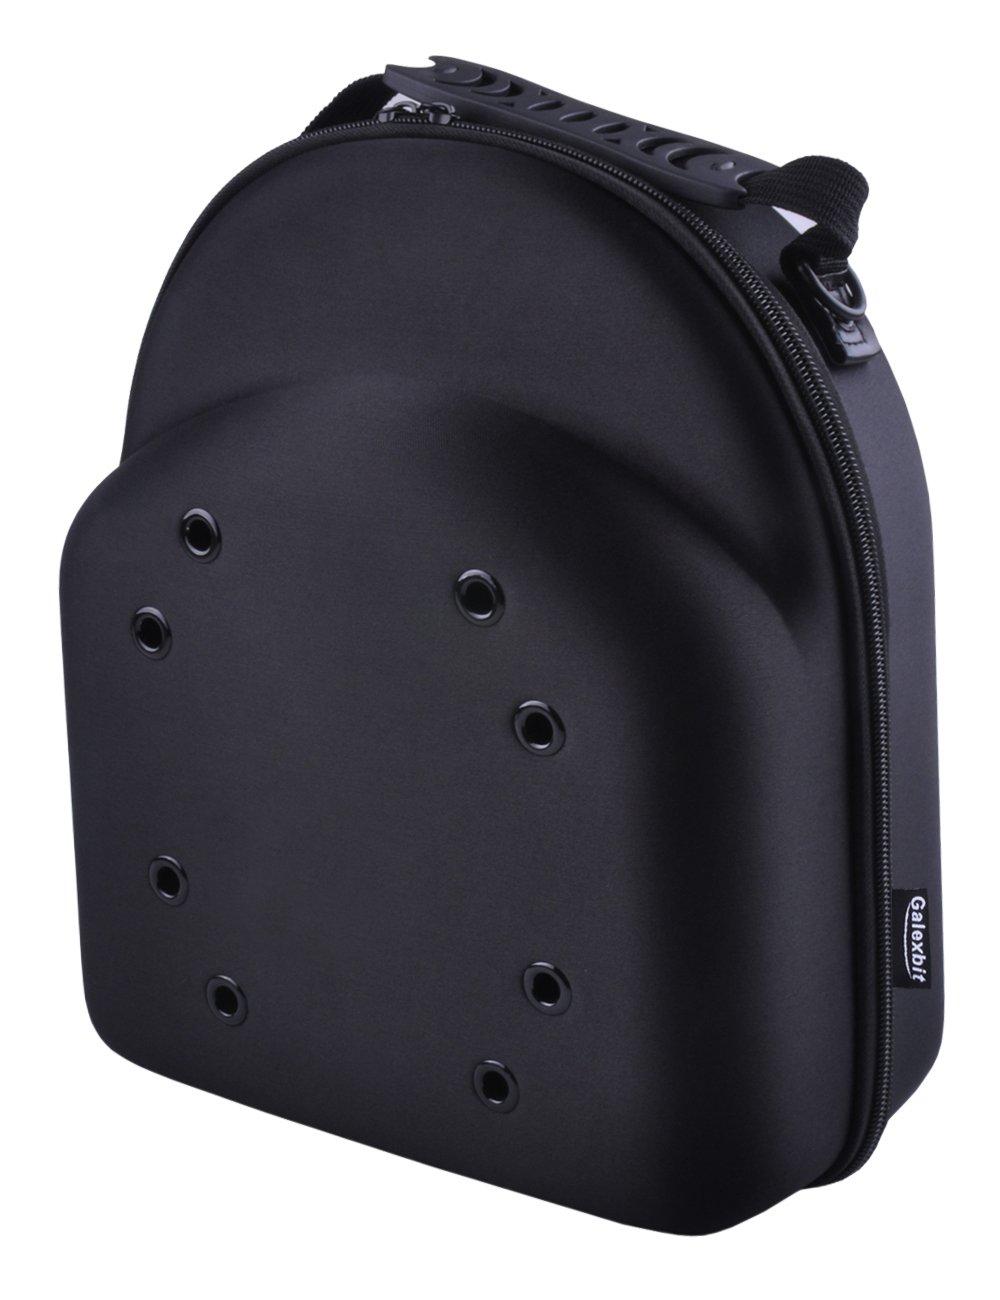 Galexbit Baseball Hat case Cap Carrier Case Holder for 3 Caps Hat bag for Travel(Black) (S)